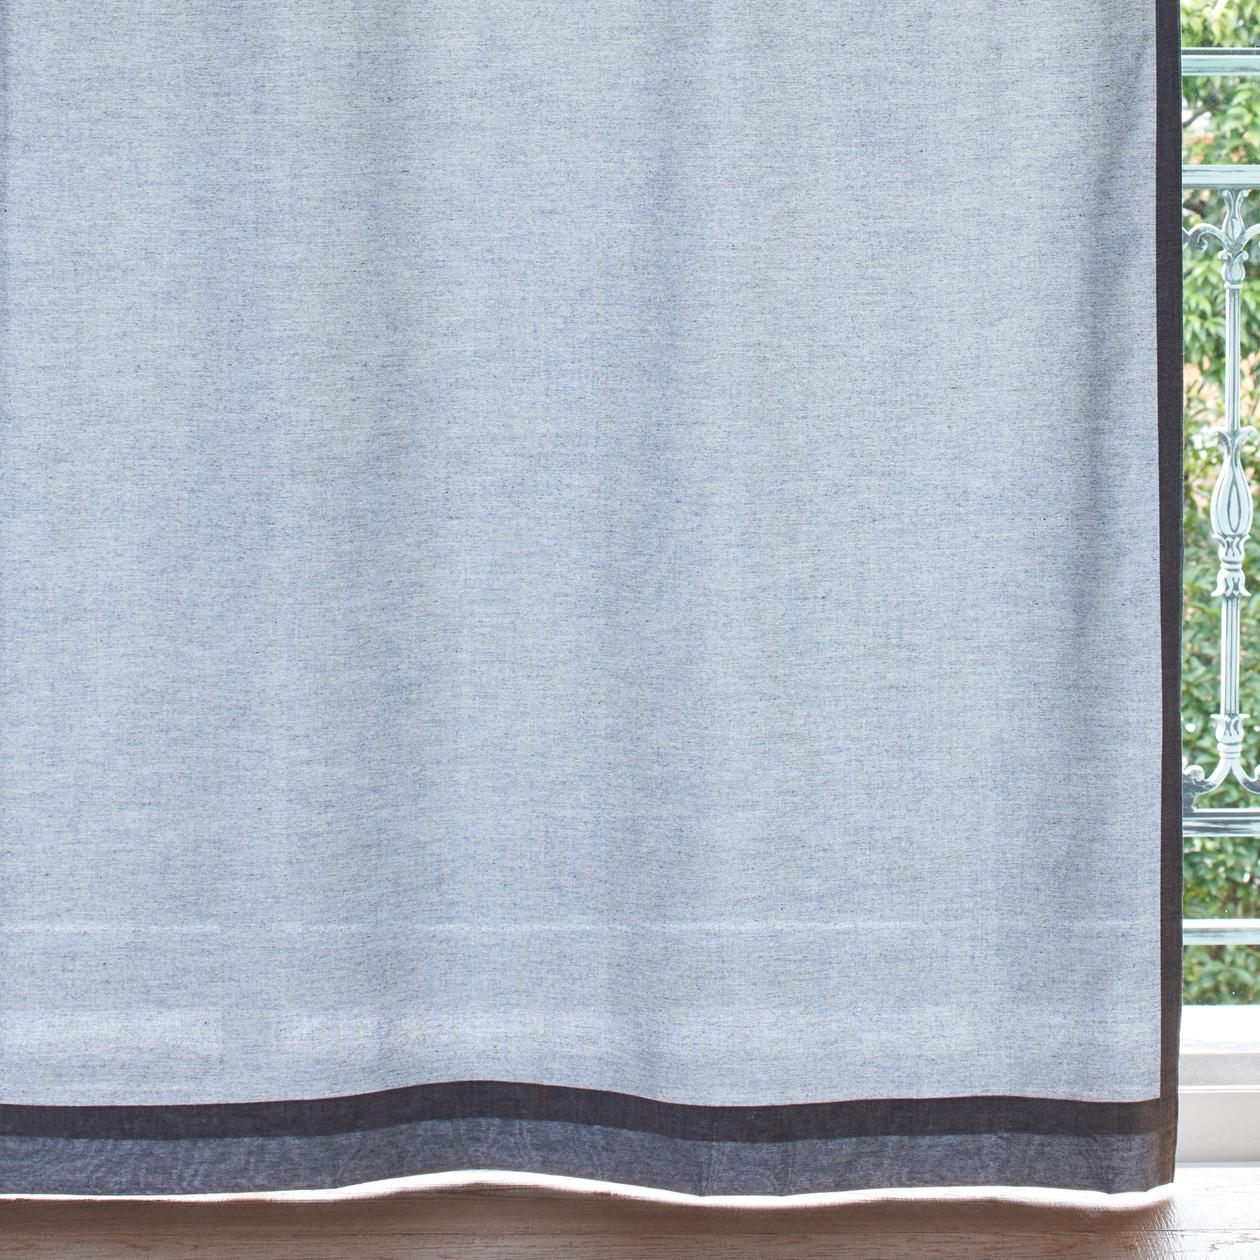 無印良品のカーテンおすすめ10選!レースカーテンも